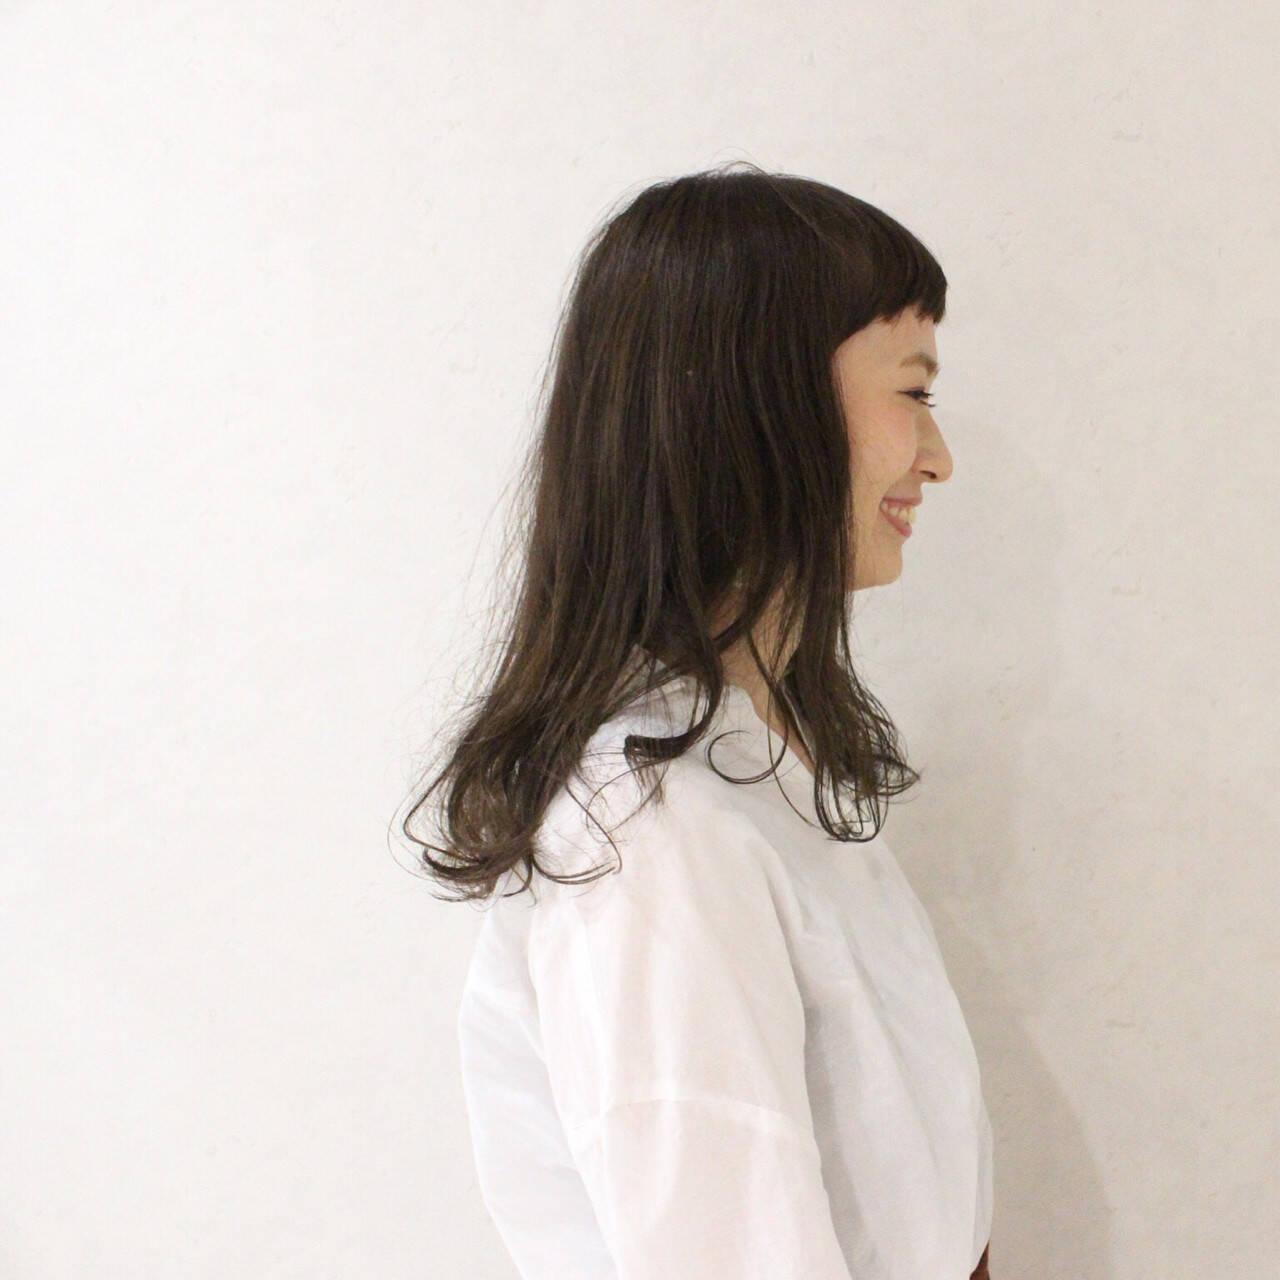 ヘアアレンジ ナチュラル 前髪あり セミロングヘアスタイルや髪型の写真・画像